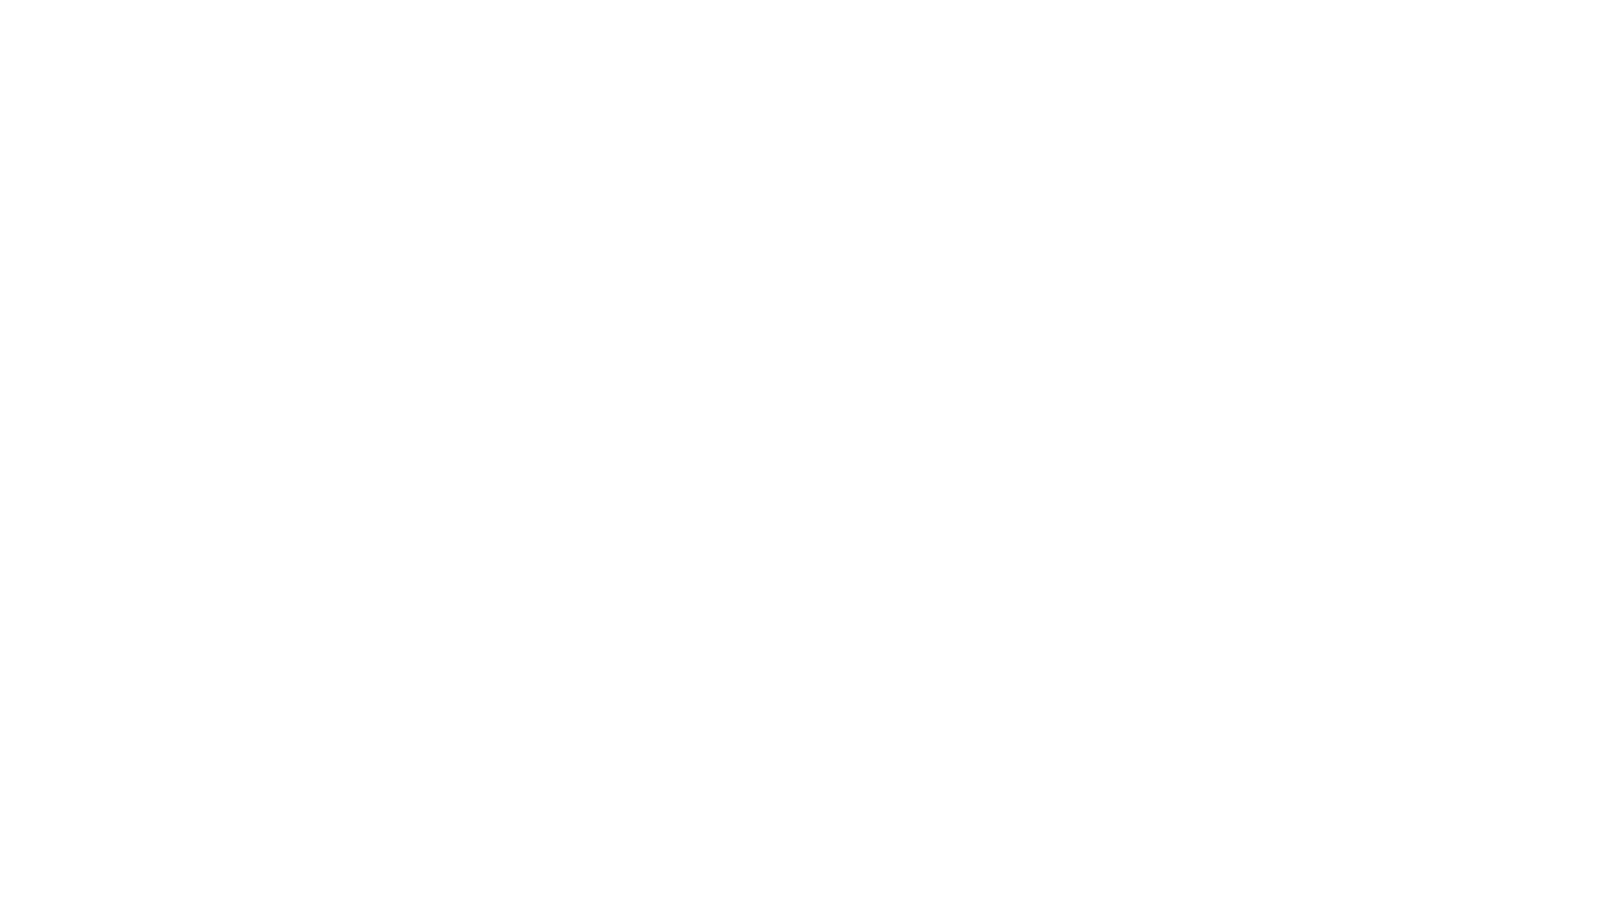 क्या महिला उत्पीड़न, दलित उत्पीड़न से इन सरकारों का कोई वास्ता नहीं, क्या इनकी कोई जिम्मेदारी नहीं बनती?  #महिला_दलित_विरोधी_सरकारें   5 Nov 2020 Congress Protest   fb.com/sarasach  www.sarasach.com twitter.com/sarasachh